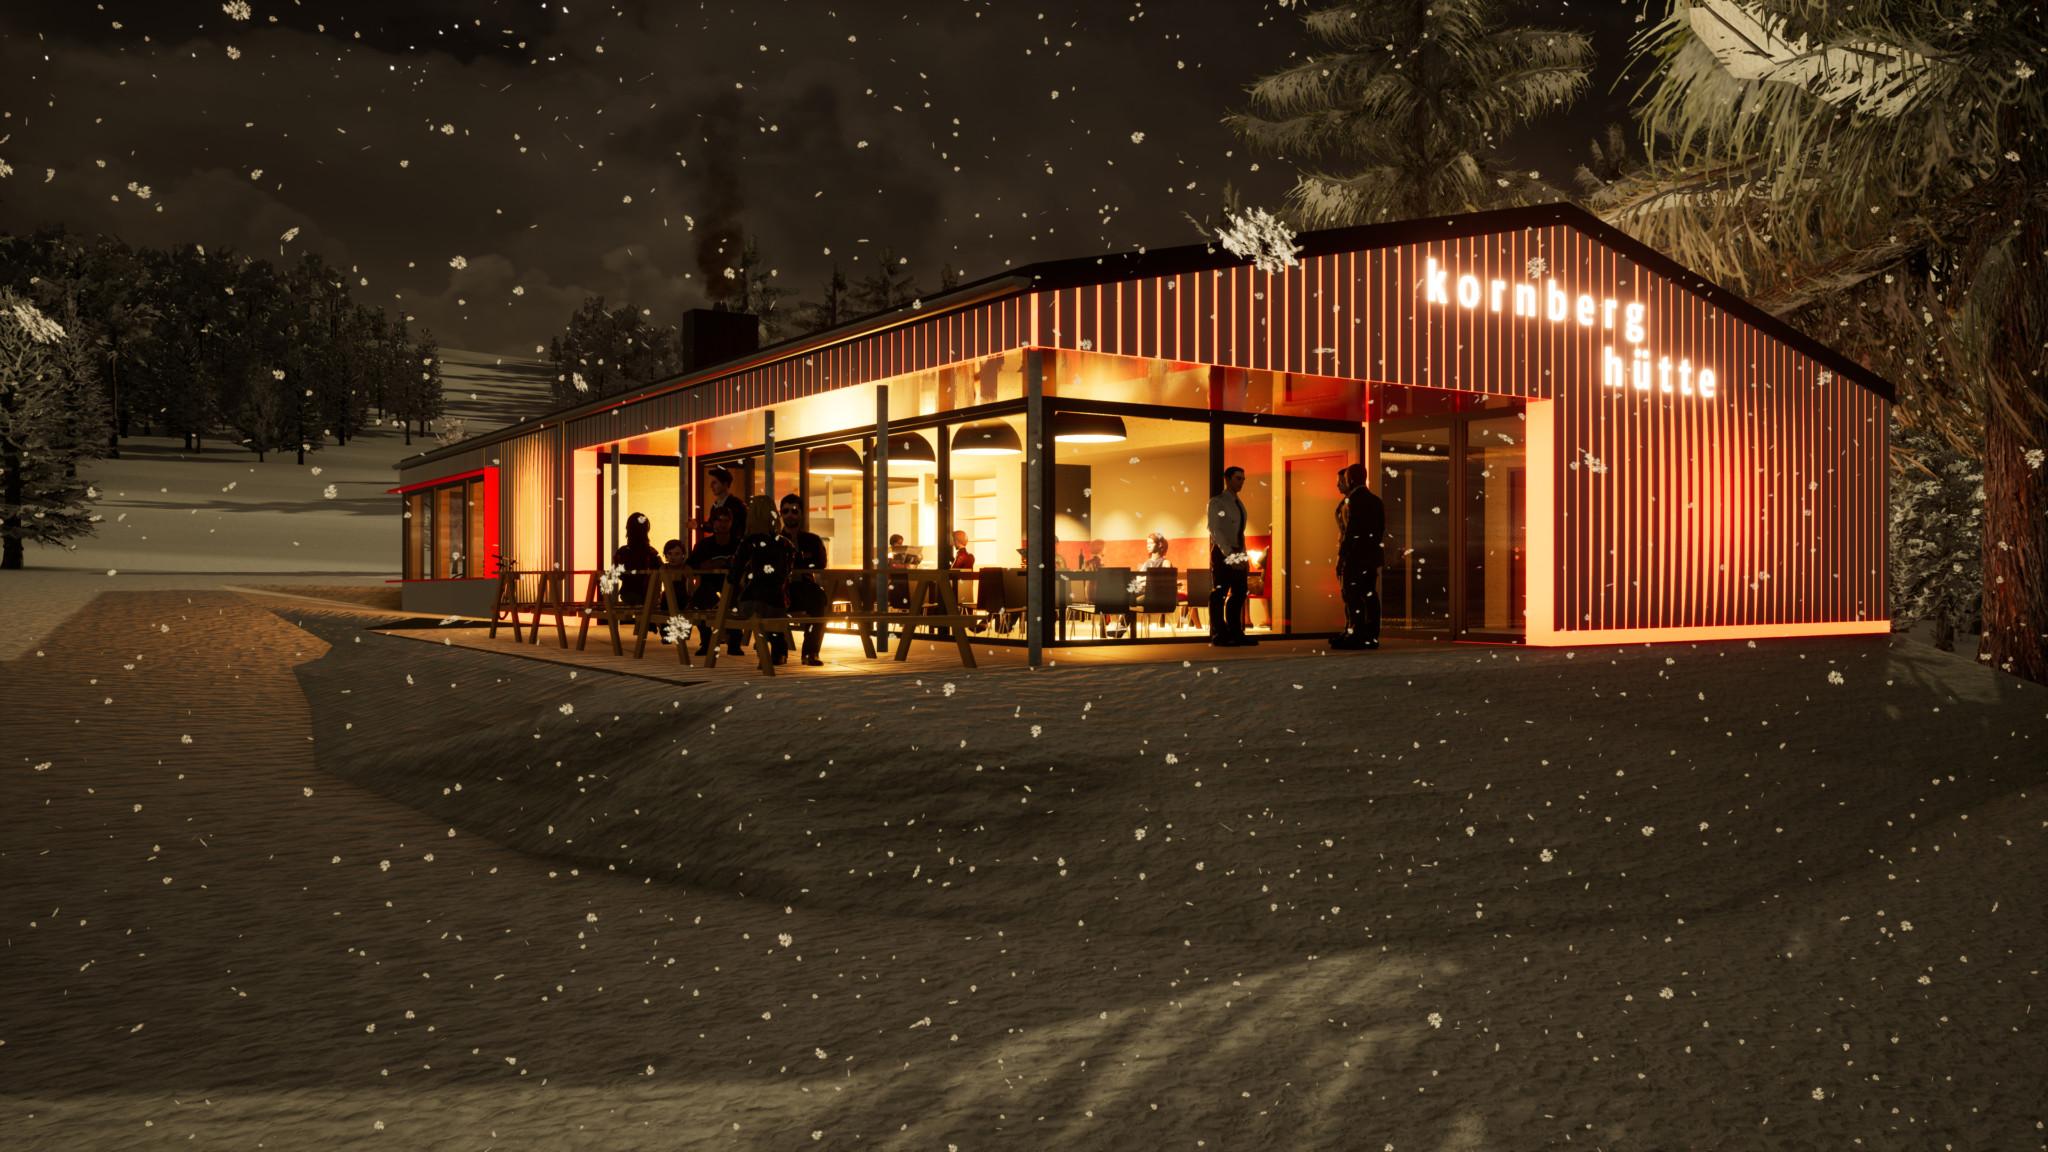 Eingebettet in die Natur und multifunktional - mit Bikeverleih und Gaststätte - soll das neue Kornberghaus gestaltet werden. (Fotoquelle: Kuchenreuther Architekten)